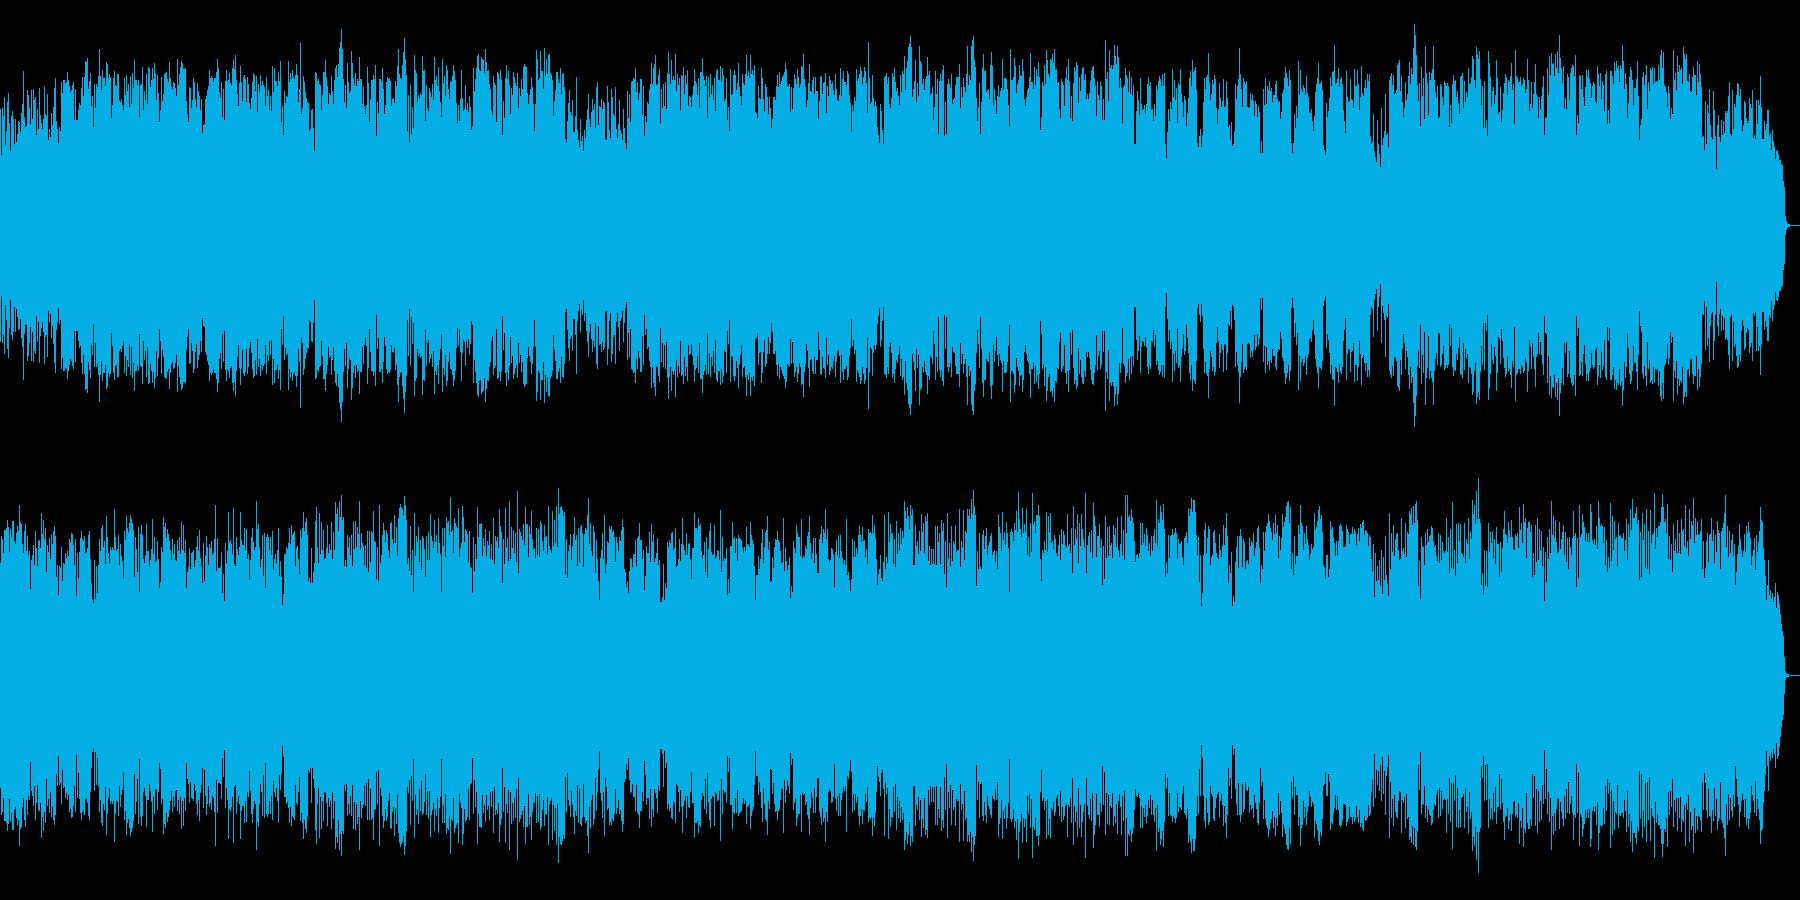 優しく励ます様な旋律をサックスのバラードの再生済みの波形